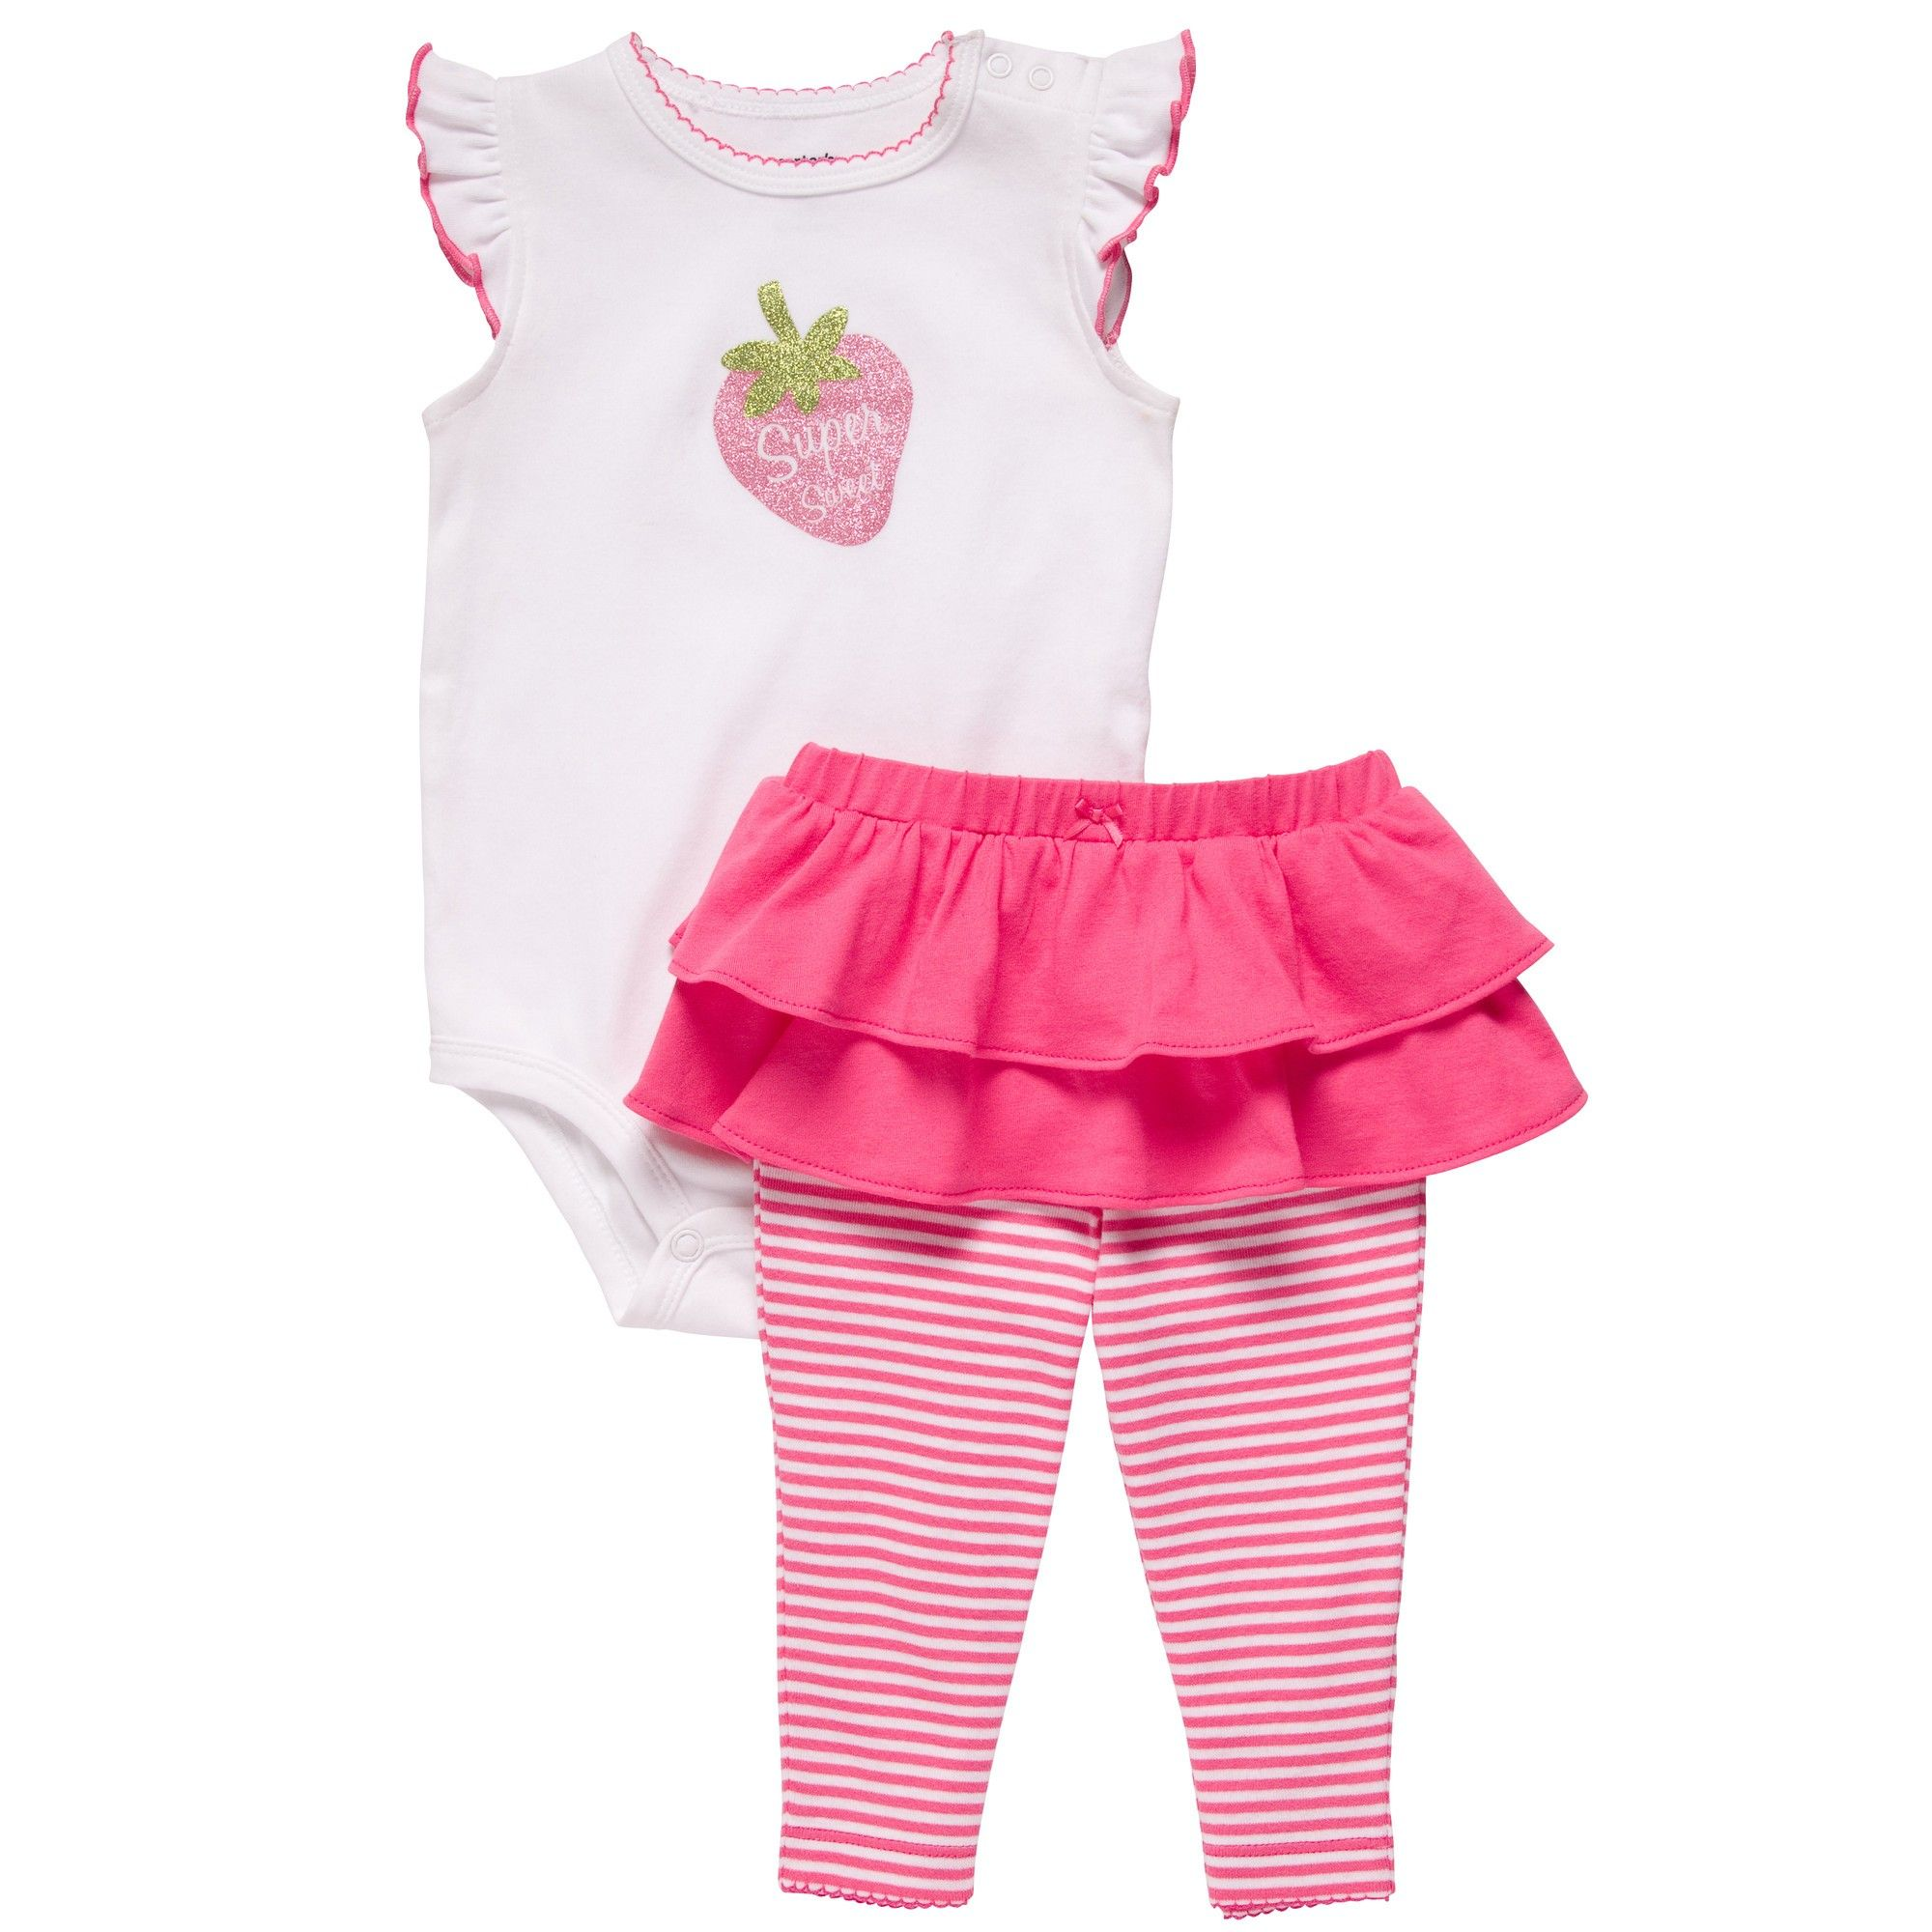 Pin de Neverlandmoda.com en Ropa carters para bebés y niños ...